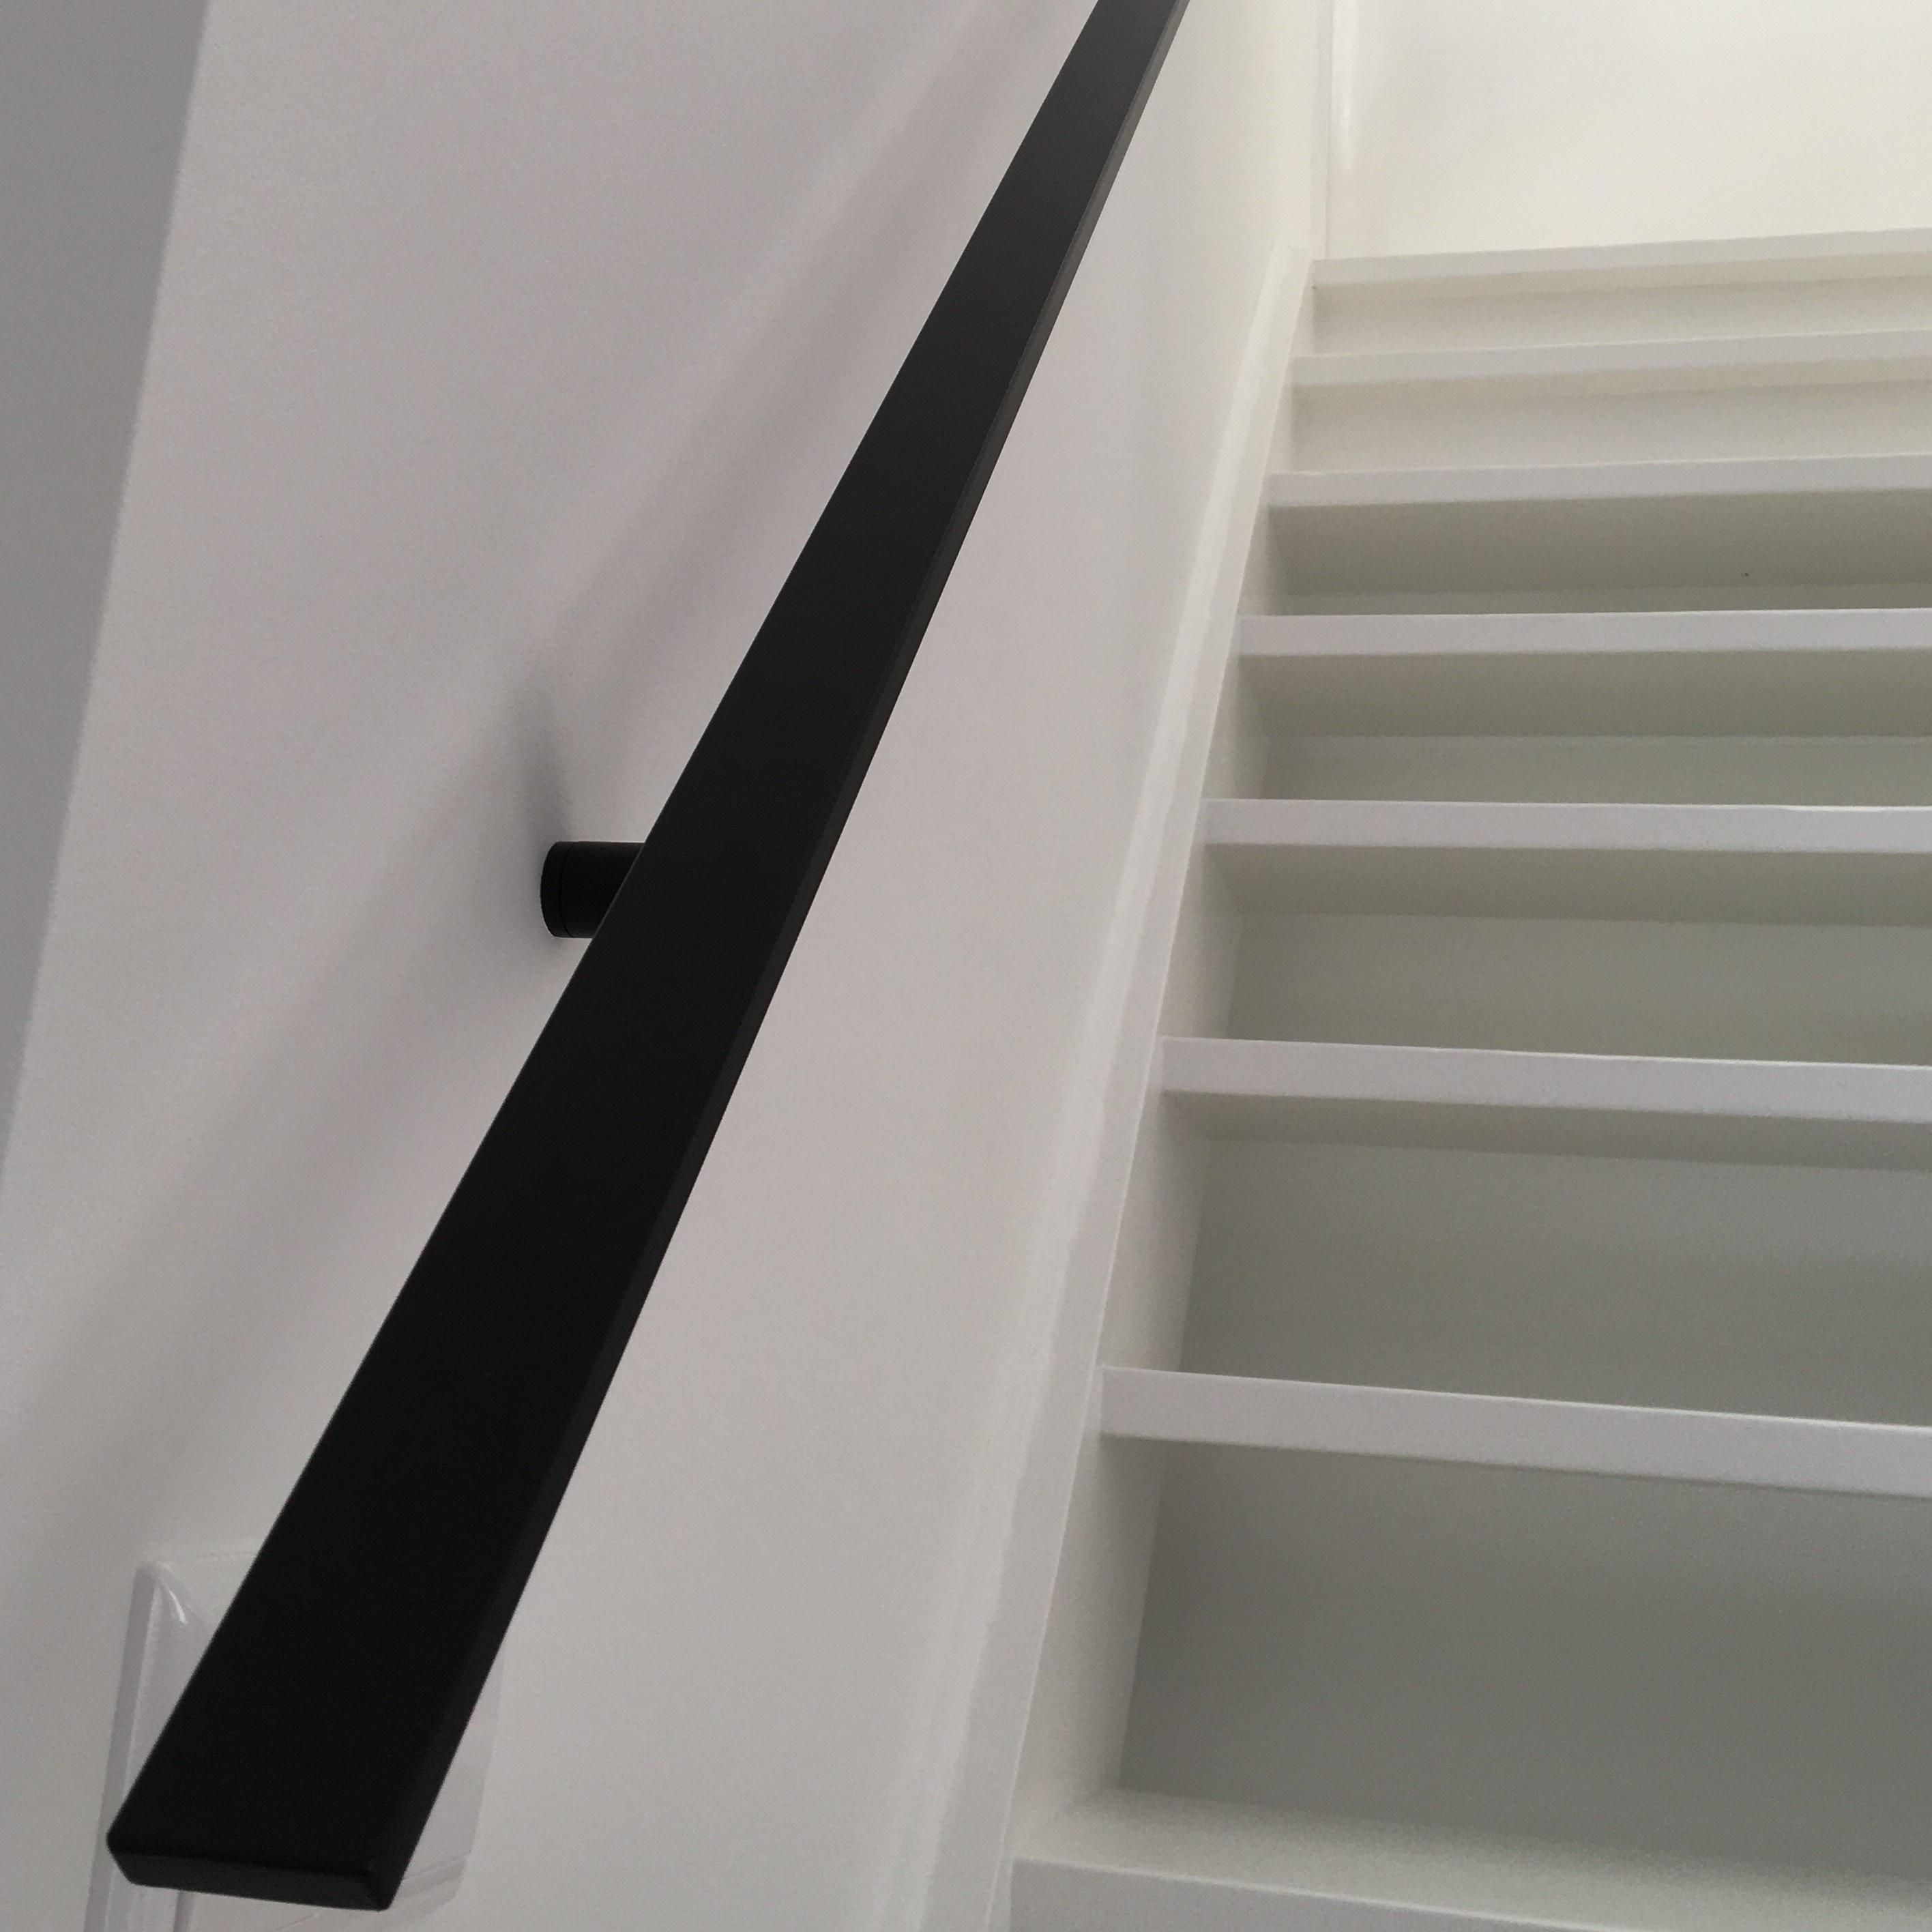 Handlauf schwarz beschichtet viereckig 40x10 Modell 7 - Rechteckige Treppengeländer - Treppenhandlauf mit schwarzer Pulverbeschichtung RAL 9005